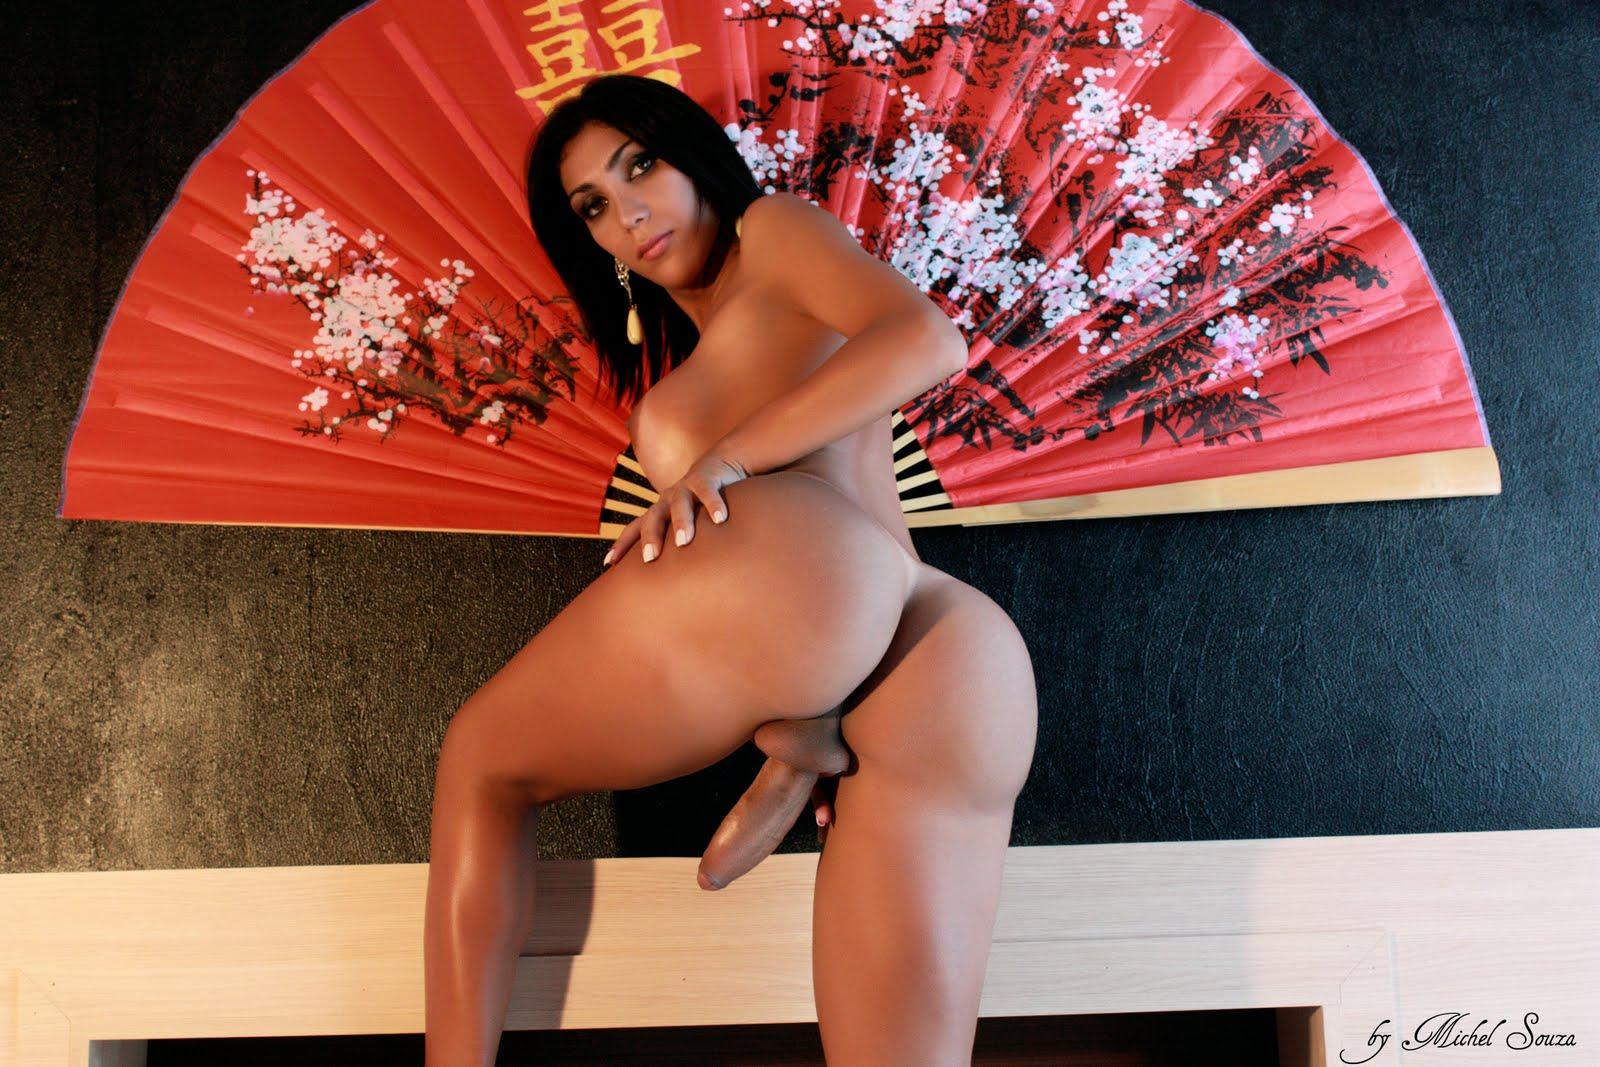 Sabrina Suzuki Newmer - photo 13 - aShemaletube.com